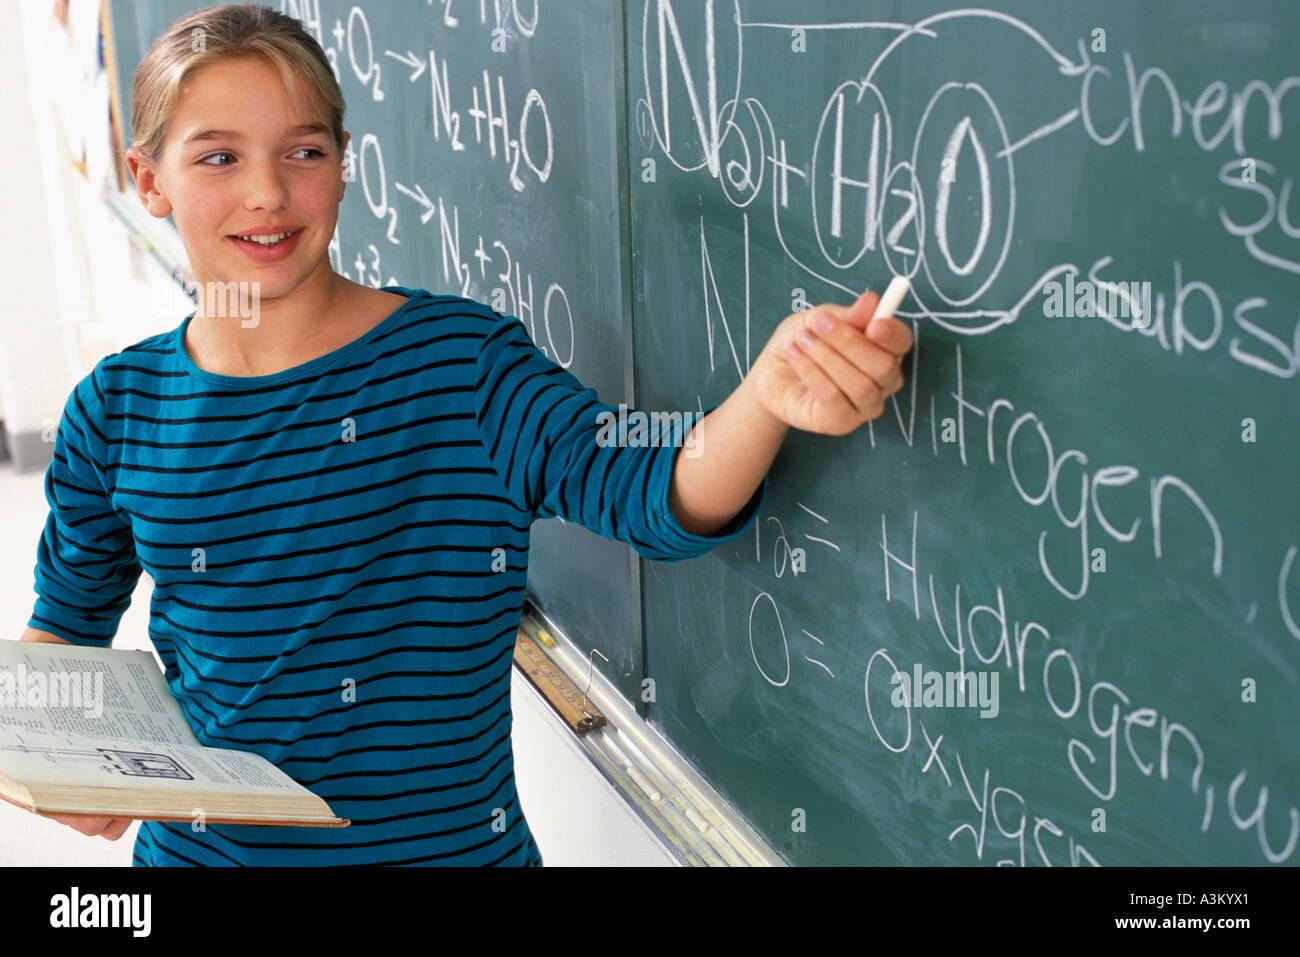 Female Caucasian student explaining elemental symbol on chalkboard - Stock Image